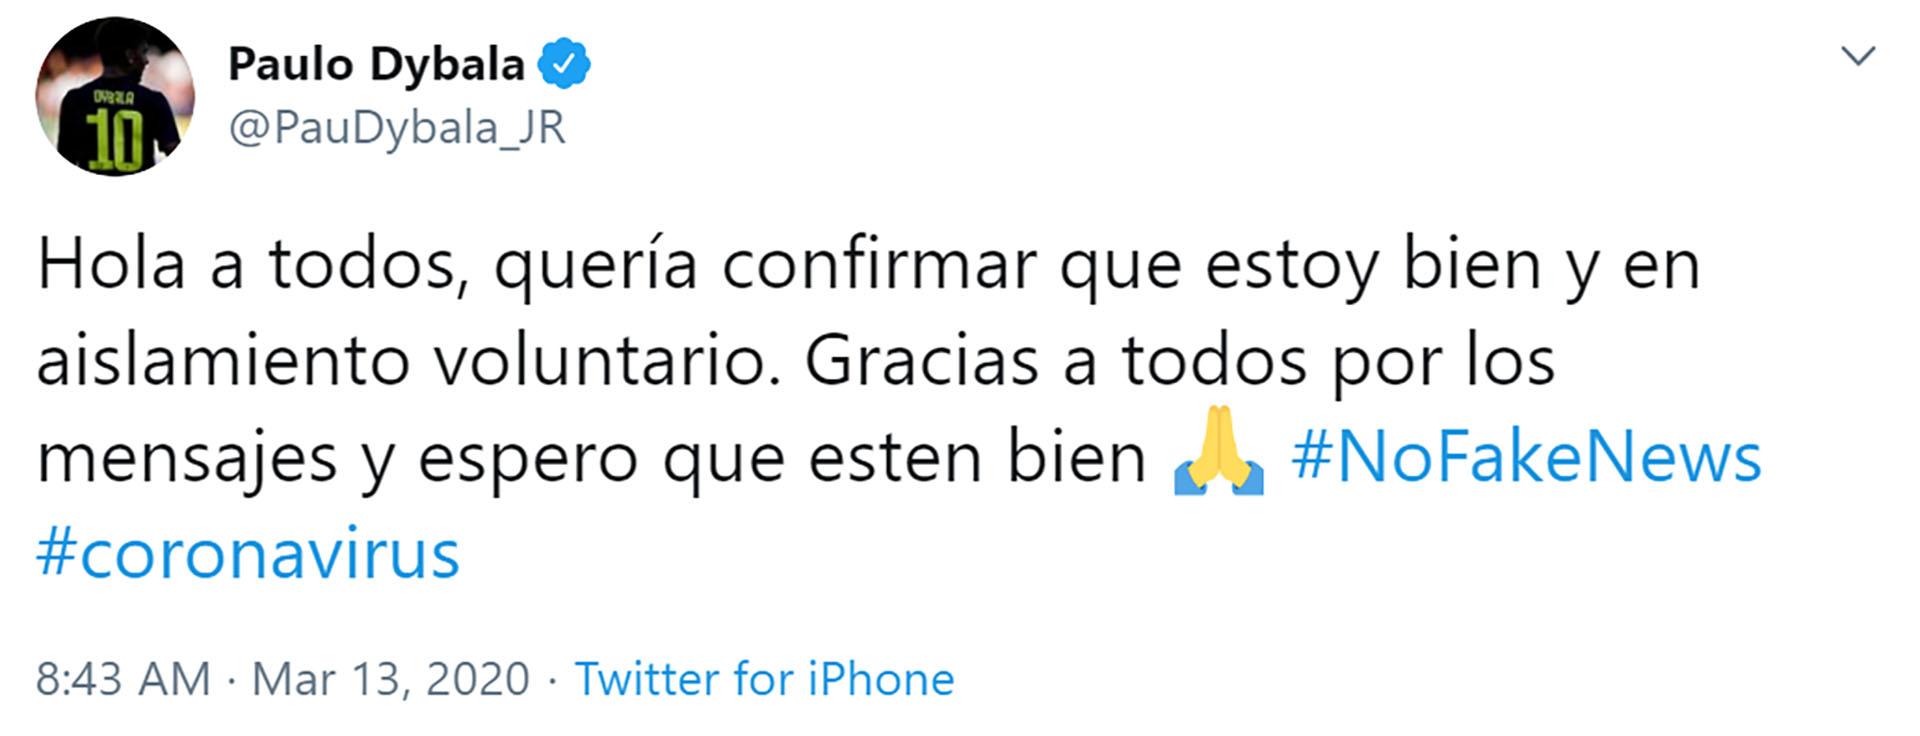 La publicación de Paulo Dybala